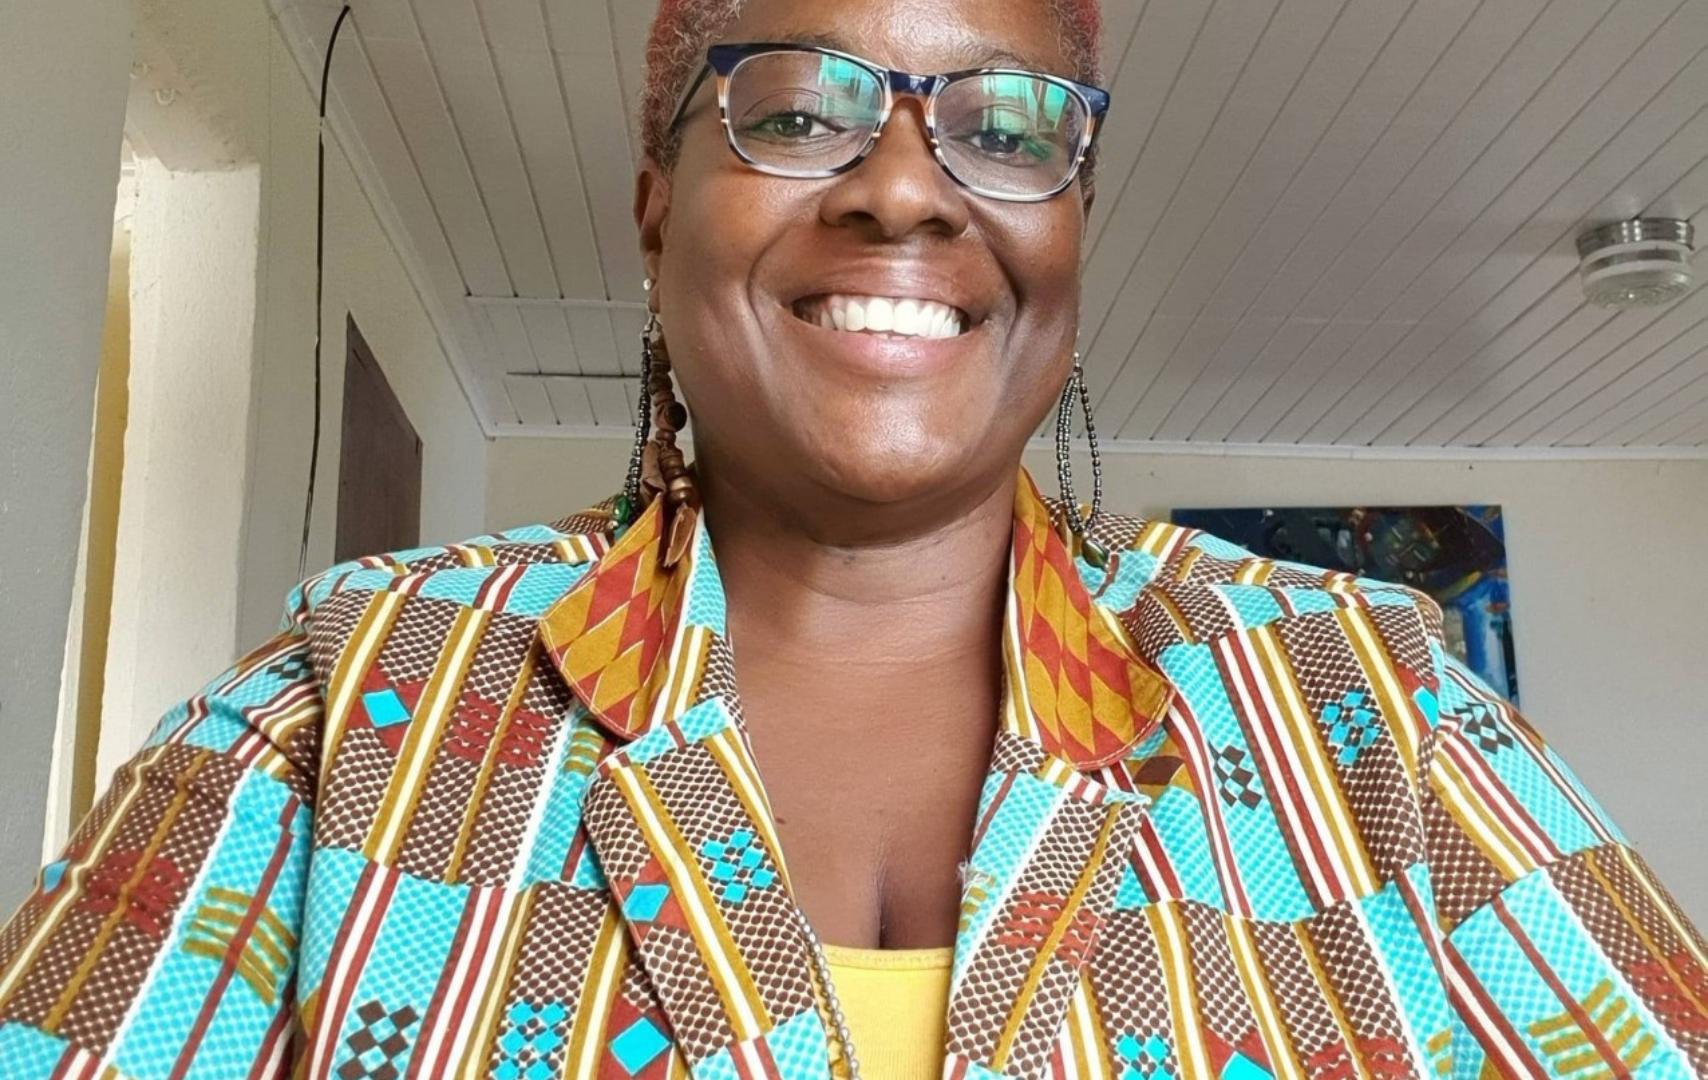 Foto van Lysanne Charles. Zij is een zwarte vrouw met roodgeverfd haar. Ze draagt een donkere bril en een kleurrijke blouse.